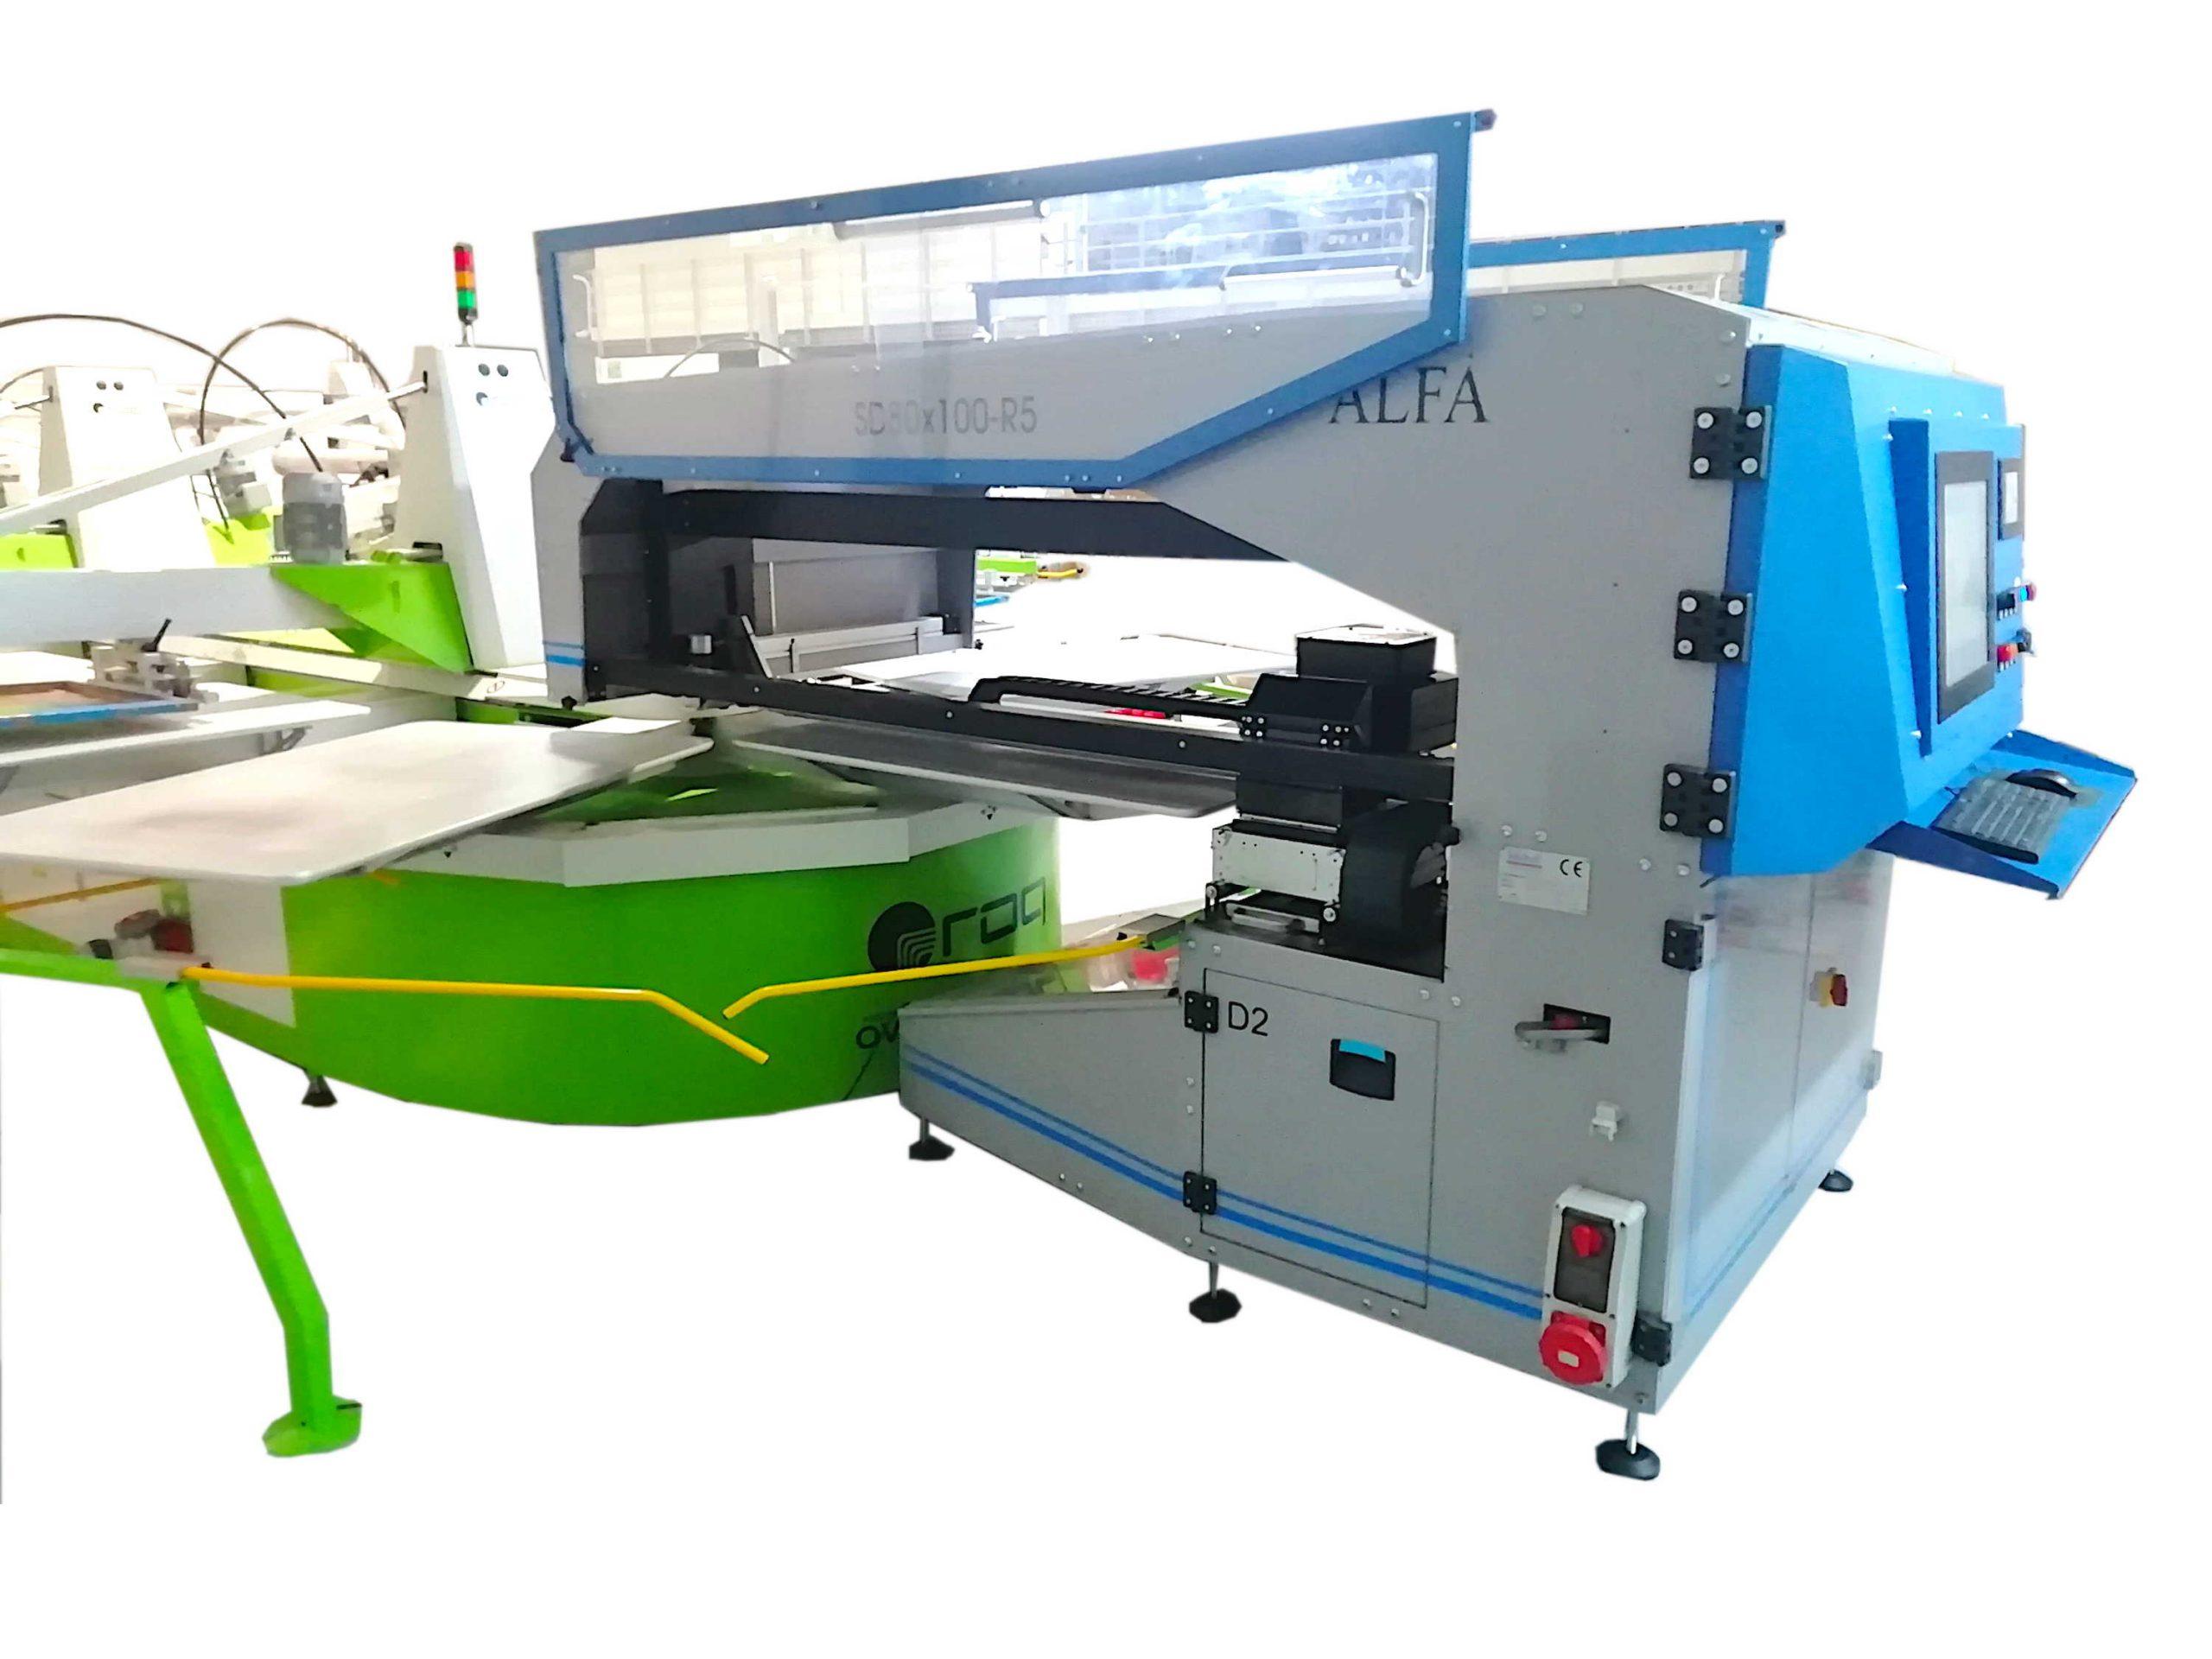 macchina da stampa ovale + sd80x100-r5